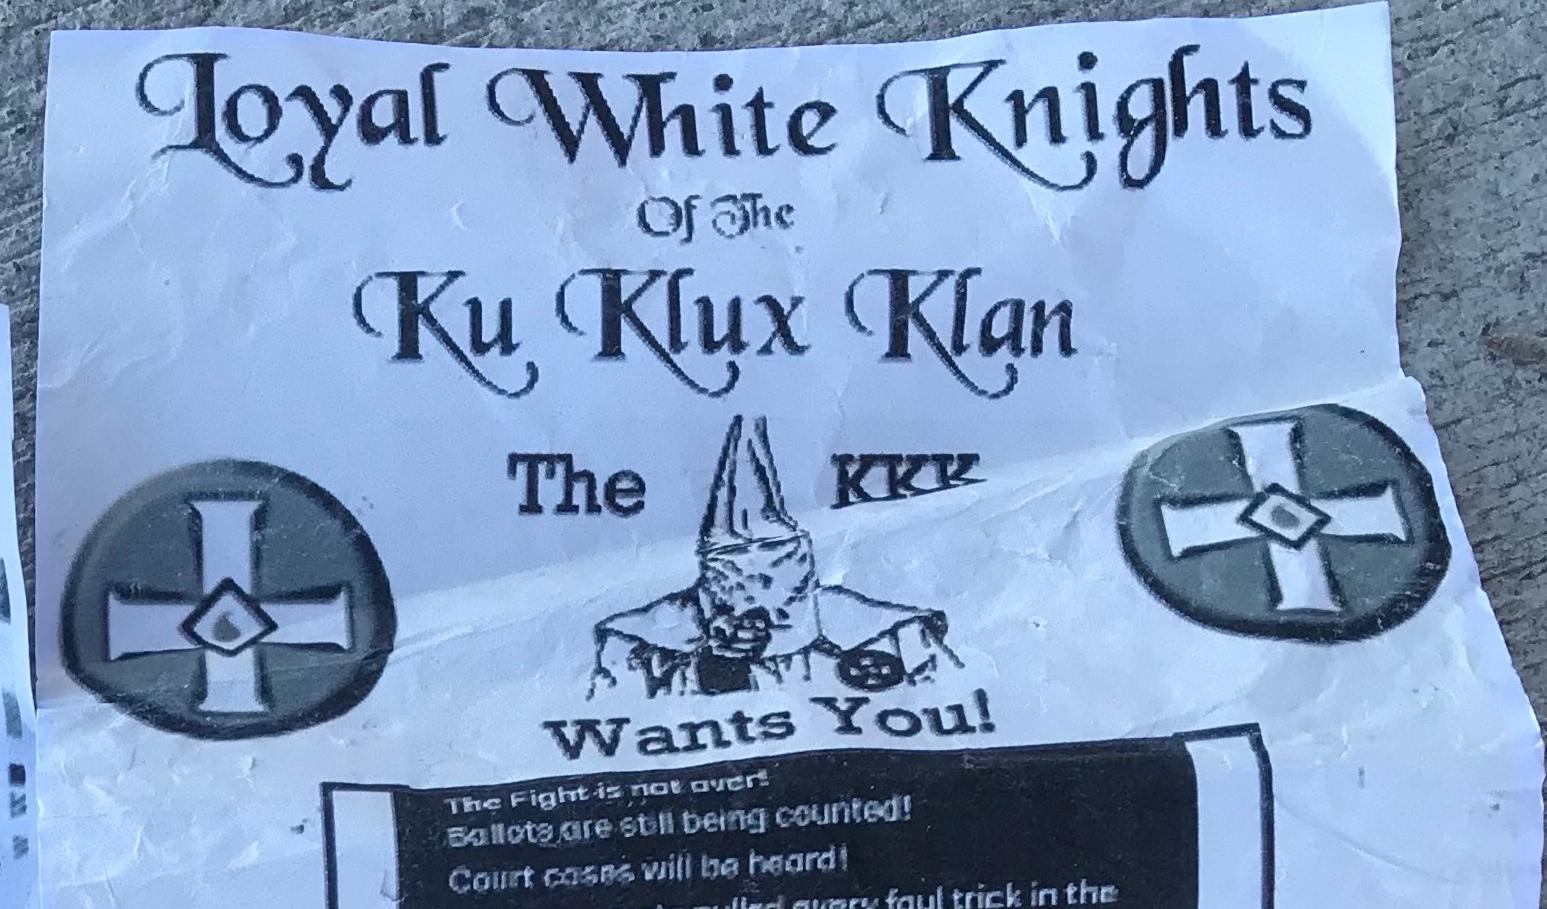 Ku Klux Klan flyer